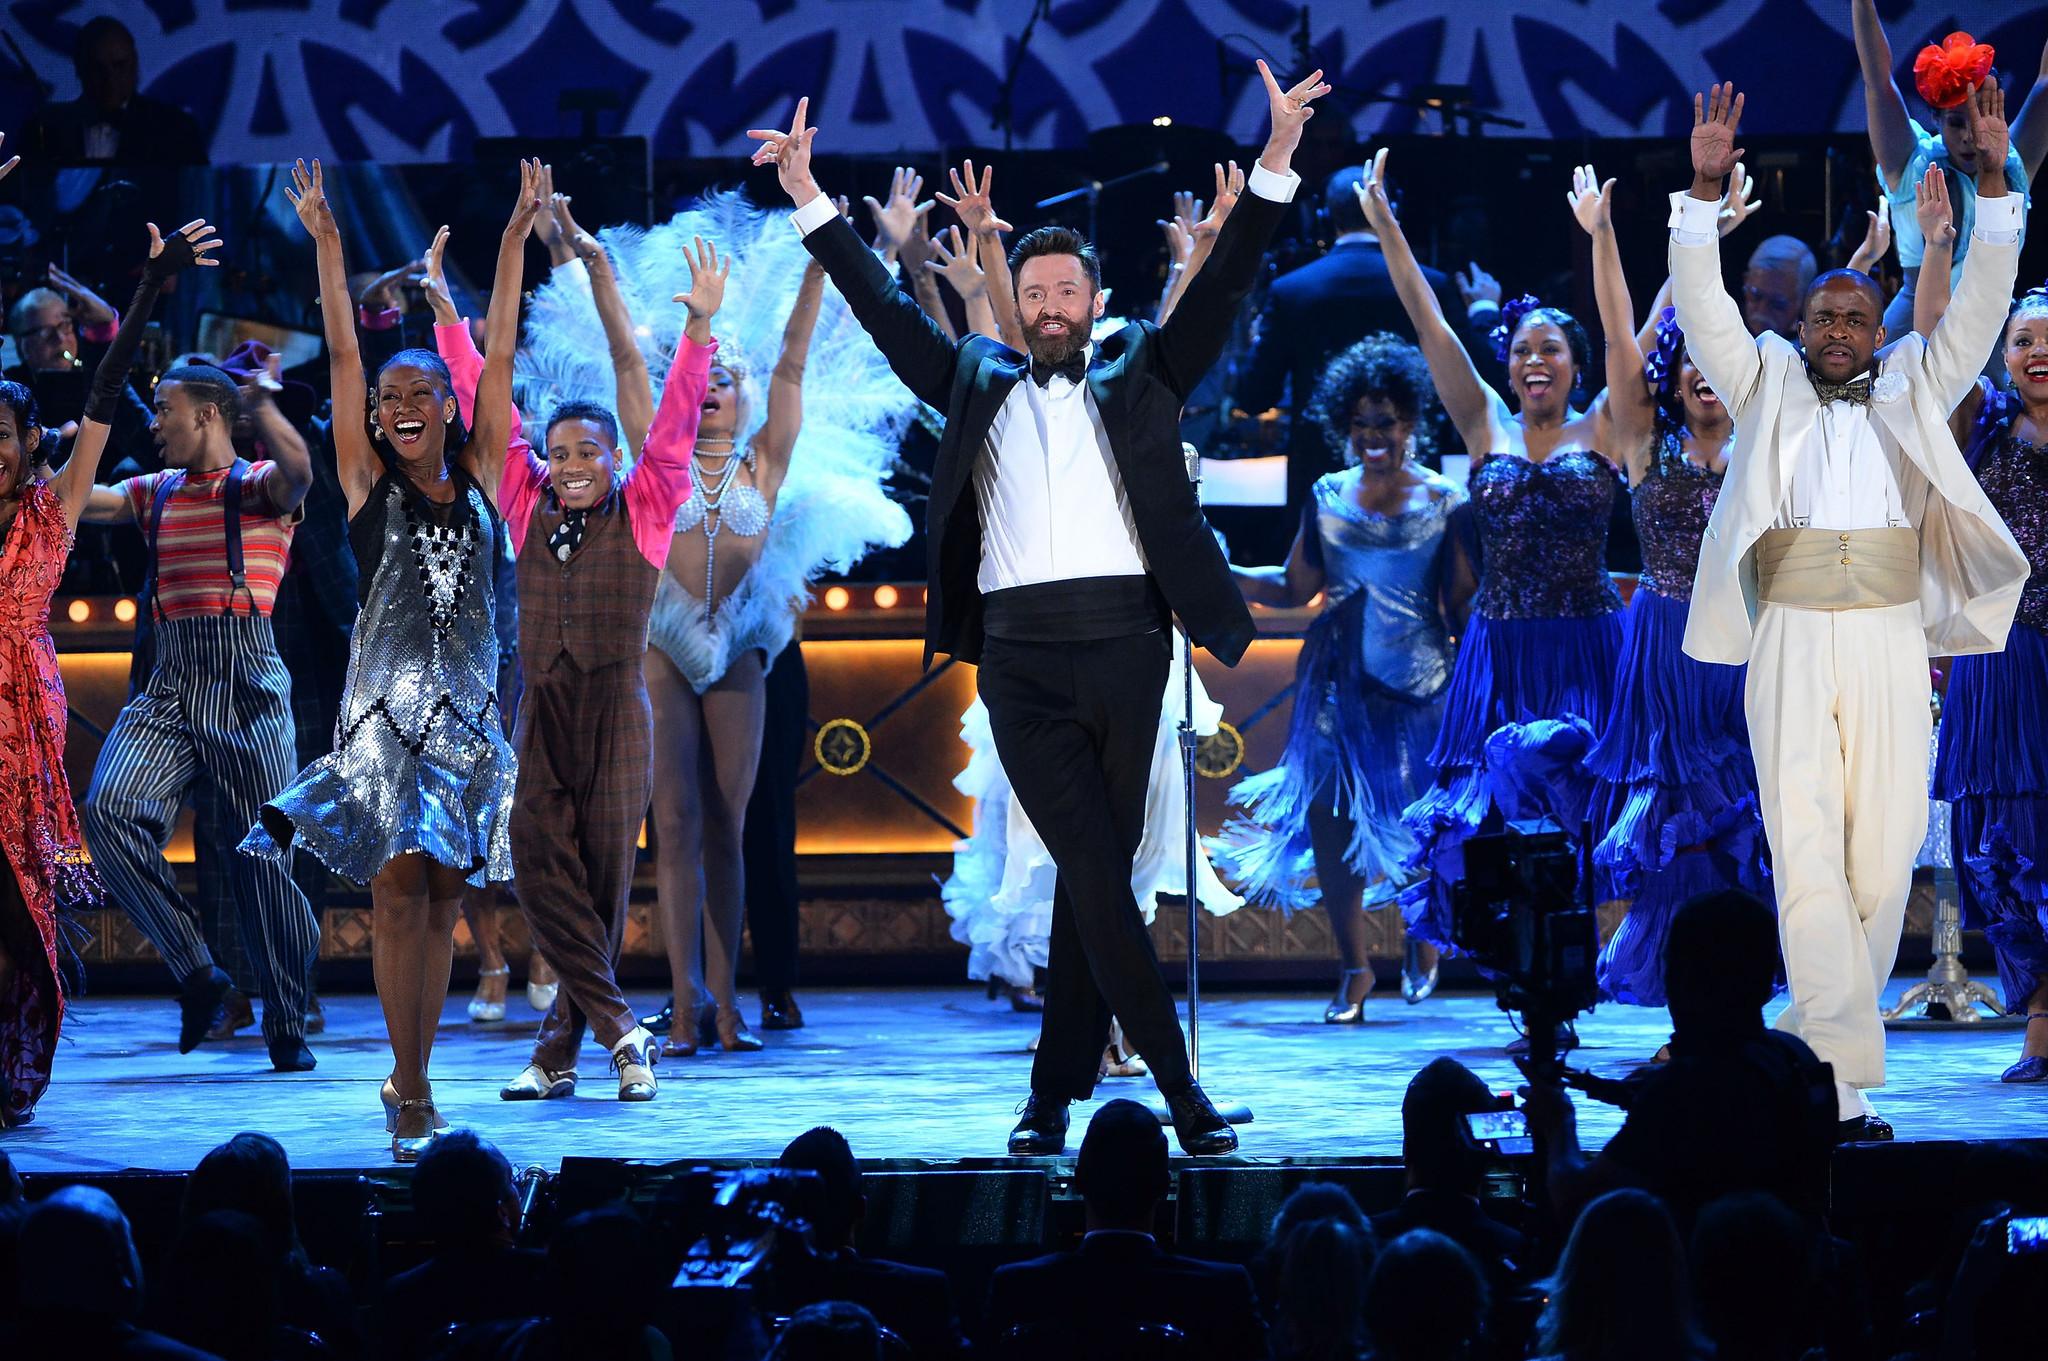 Tony Awards 2014: Highlights and Performances